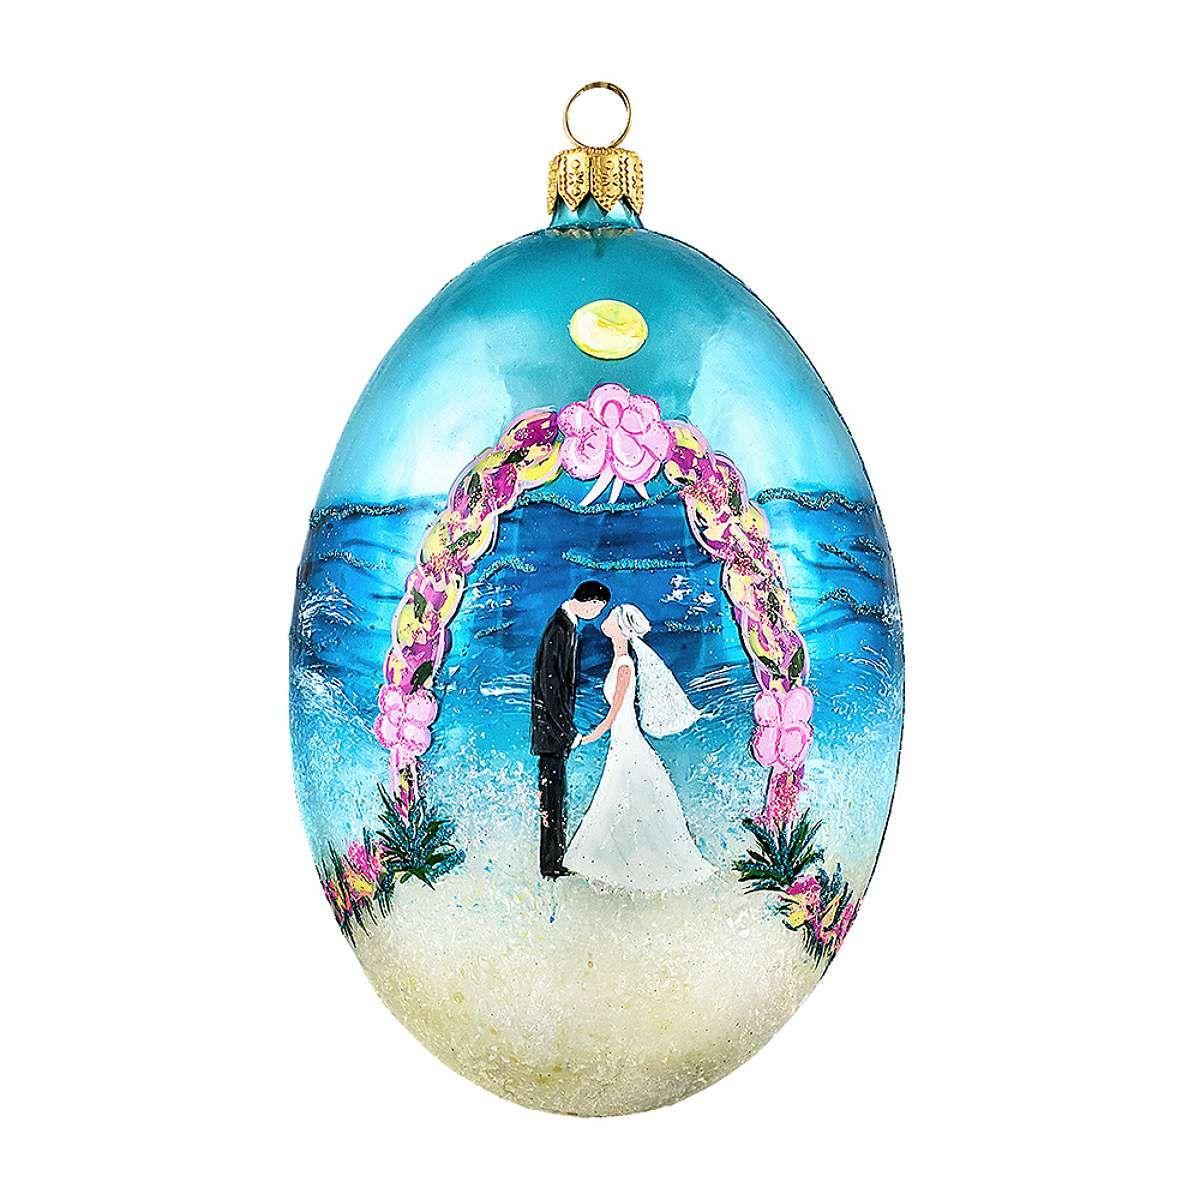 Coastal Egg Ornament